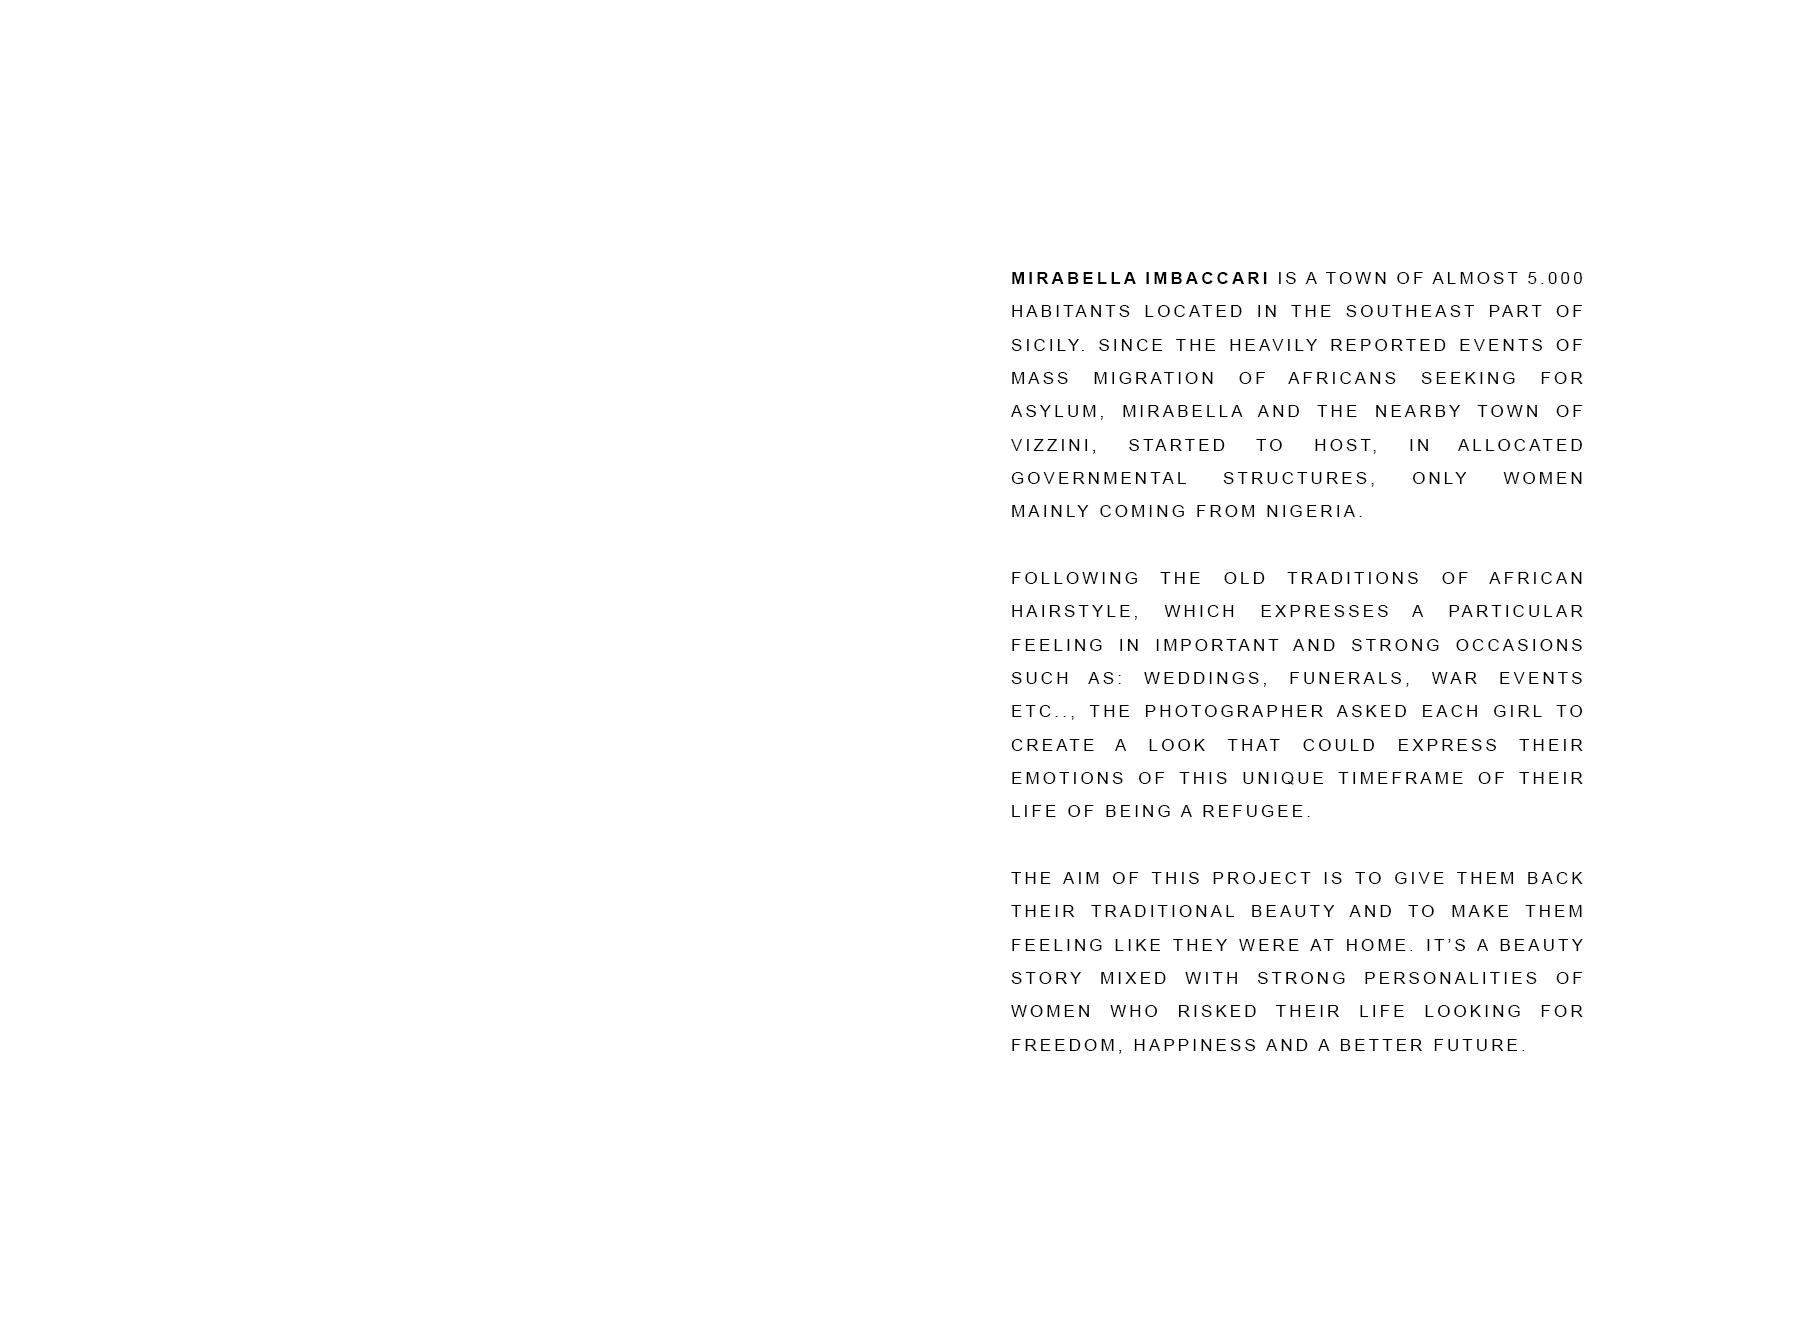 PRJ_MIRABELLA_text.jpg